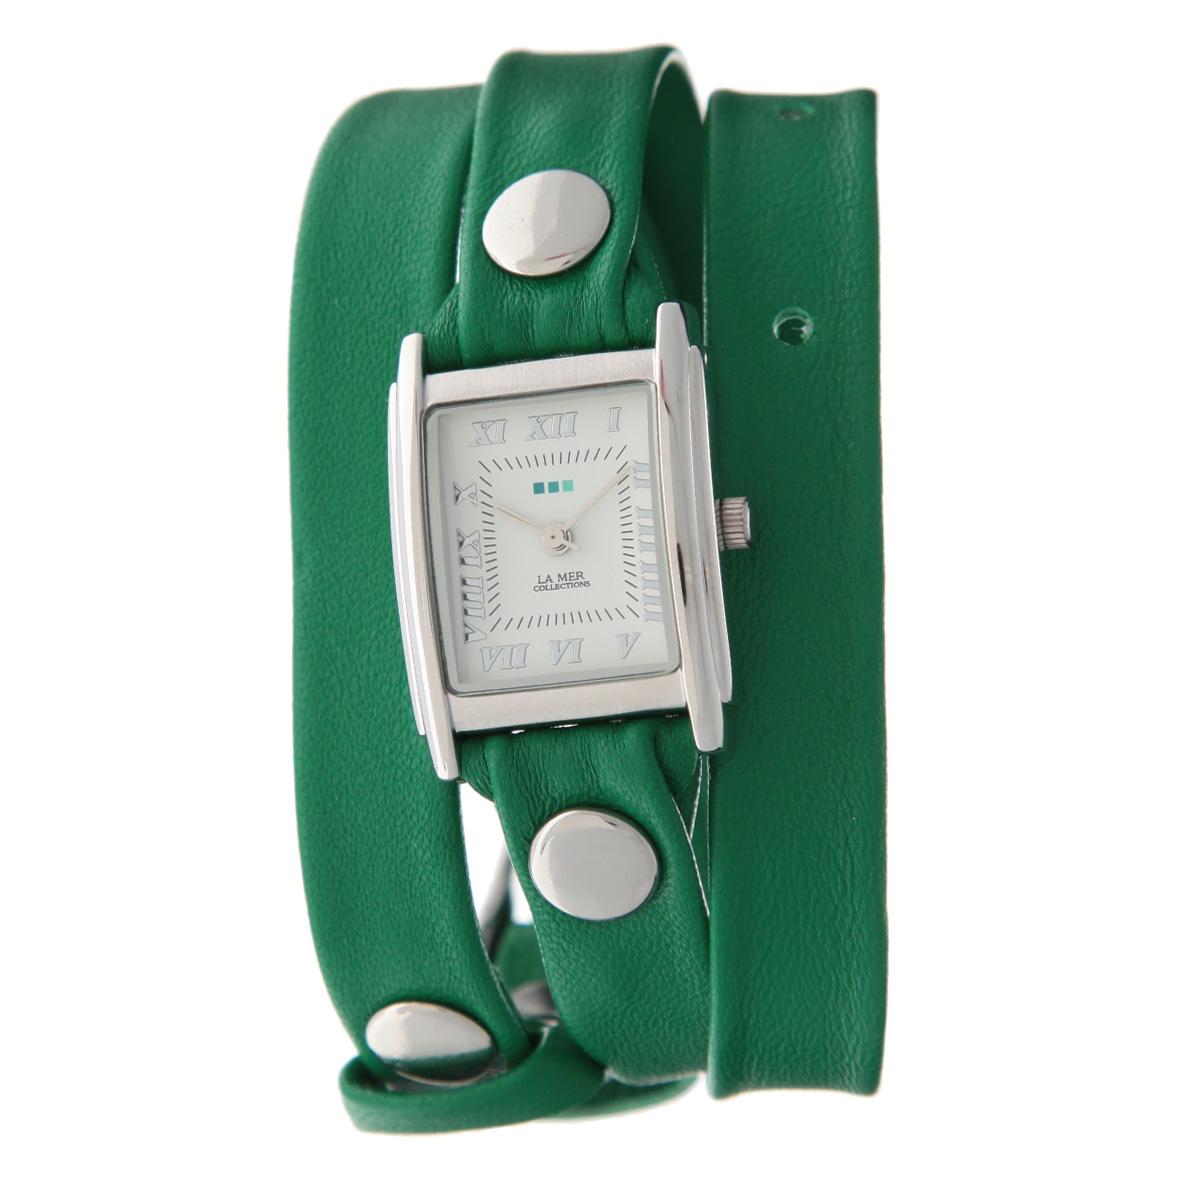 Часы наручные женские La Mer Collections Simple Kelly Green/Silver. LMSTW1012xМаргиЖенские наручные часы  La Mer Collections позволят вам выделиться из толпы и подчеркнуть свою индивидуальность. Часы оснащены японским кварцевым механизмом Seiko. Ремешок выполнен из натуральной итальянской кожи и декорирован металлическими заклепками. Корпус часов изготовлен из сплава металлов, серебристого цвета. Циферблат оснащен часовой, минутной и секундной стрелками и защищен минеральным стеклом. Часы застегиваются на классическую застежку. Часы хранятся на специальной подушечке в футляре из искусственной кожи, крышка которого оформлена логотипом компании La Mer Collection. Характеристики: Размер циферблата: 25 х 23 х 8 мм. Размер ремешка: 550 х 13 мм. Не содержат никель. Не водостойкие. Собираются вручную в США.